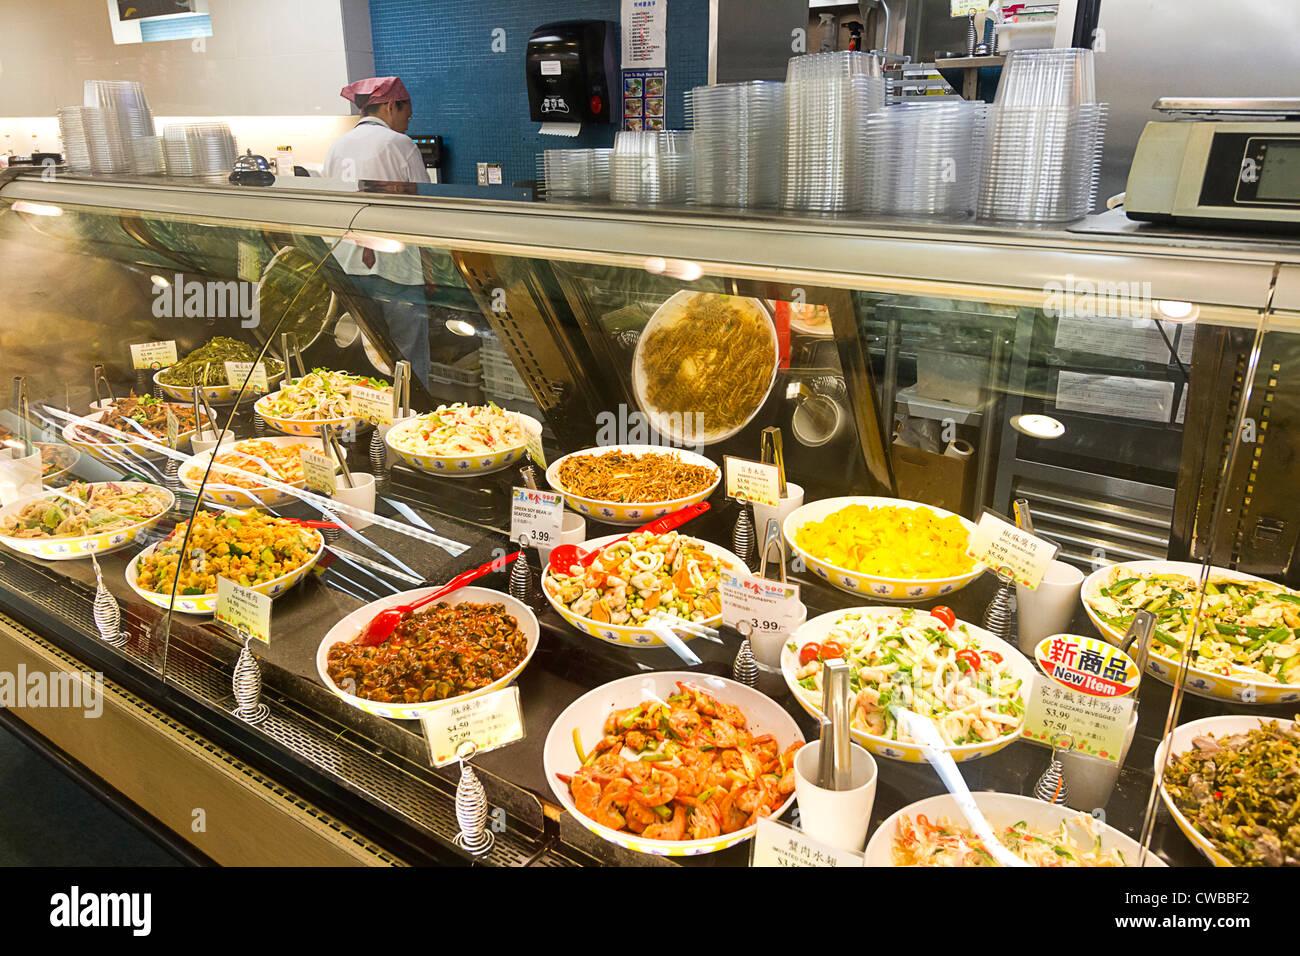 Charmant Küche Buffet Kanada Galerie - Küchenschrank Ideen ...